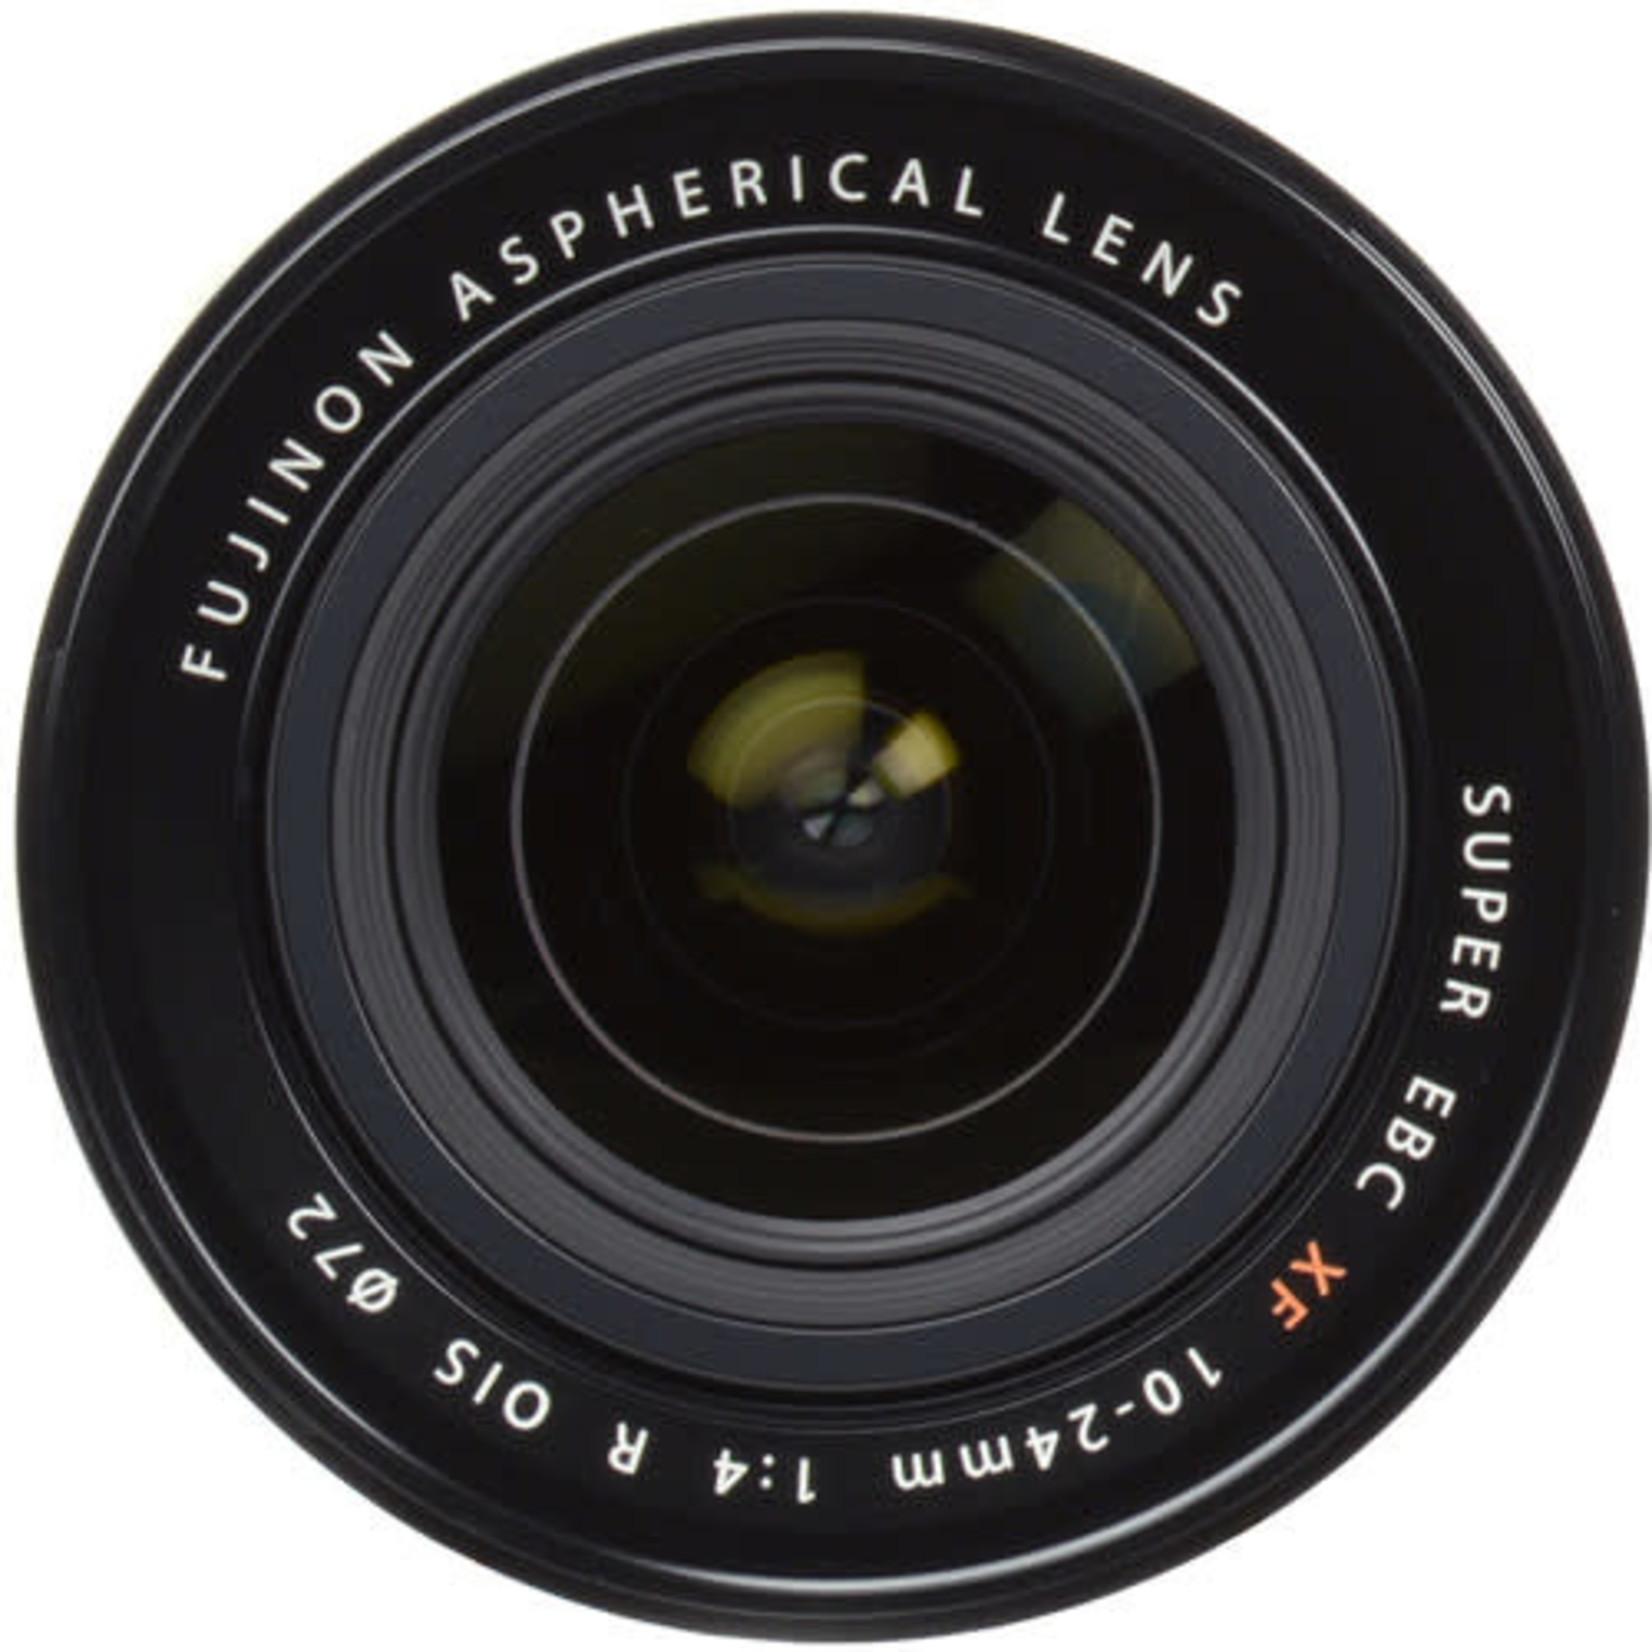 FujiFilm FujiFilm XF 10-24mm f/4 R OIS Lens